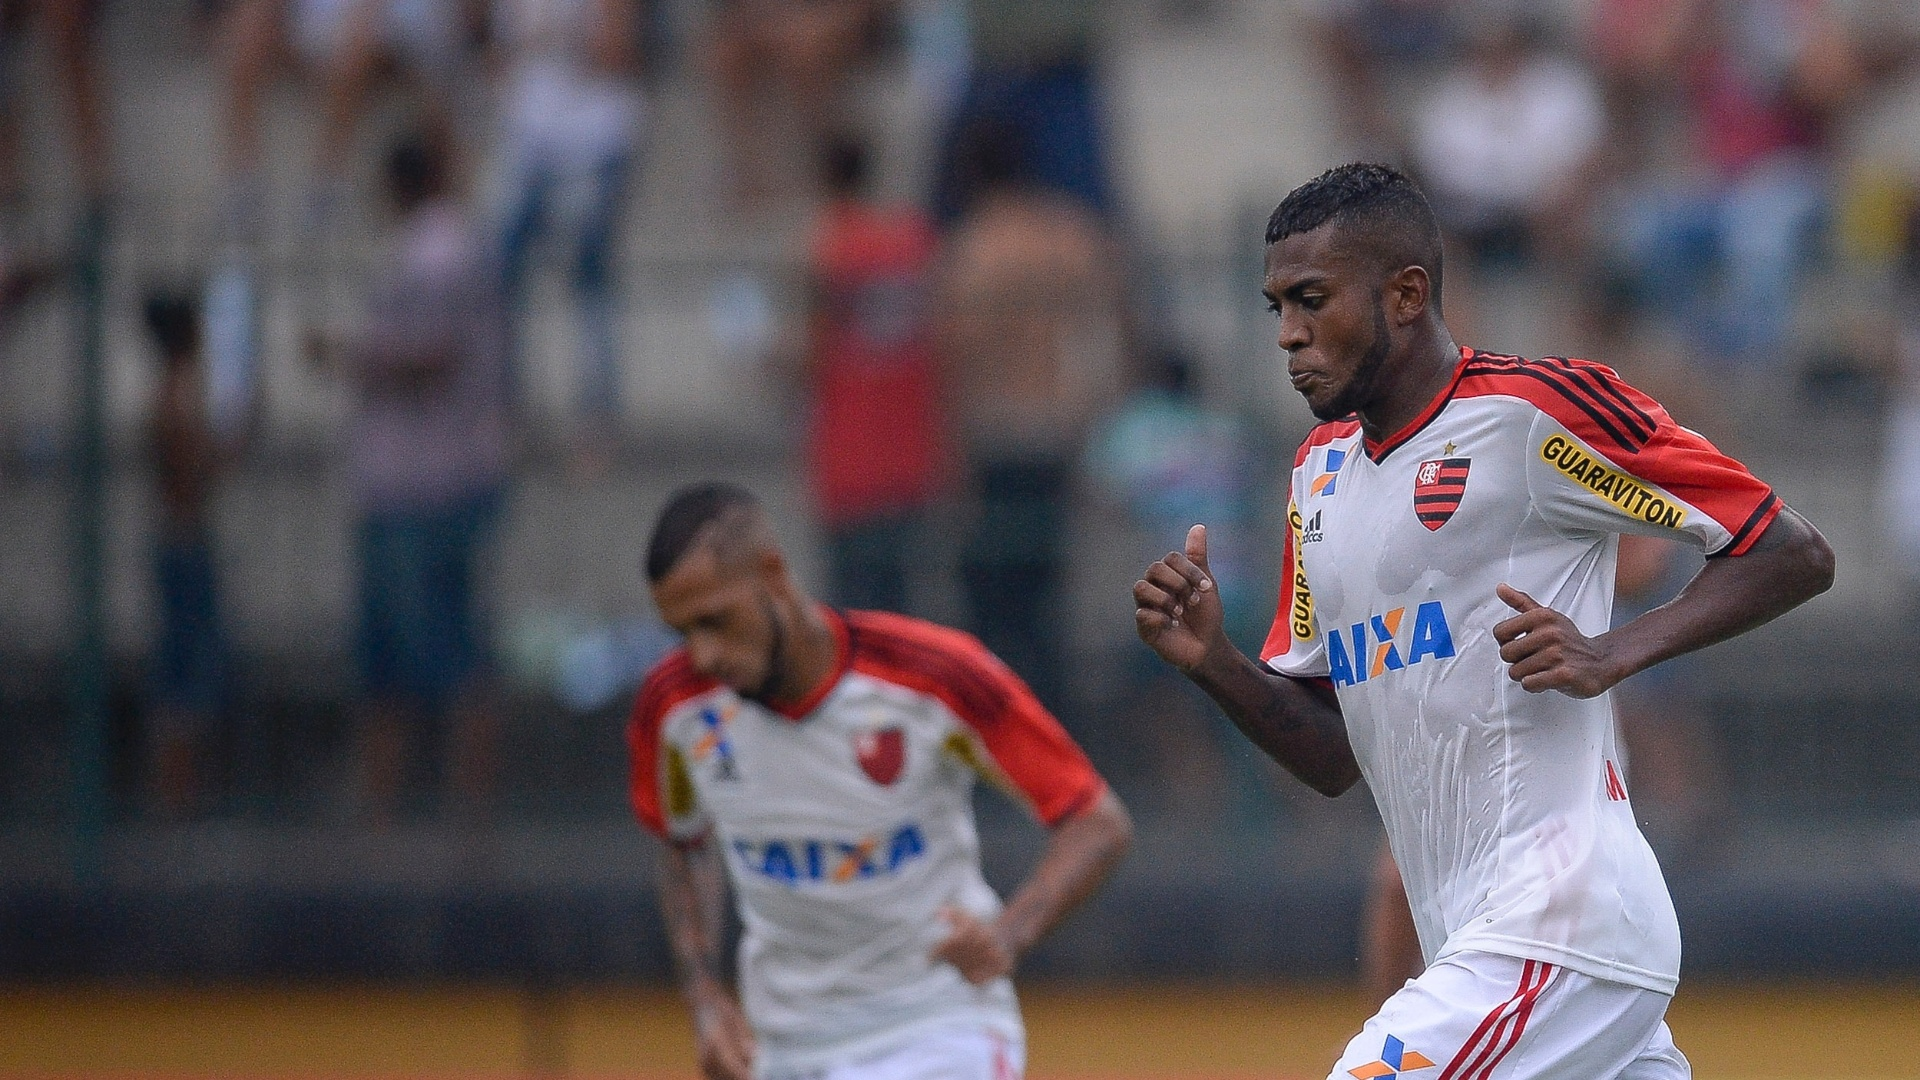 Marcelo Cirino fez dois gols na vitória do Flamengo sobre o Tigres